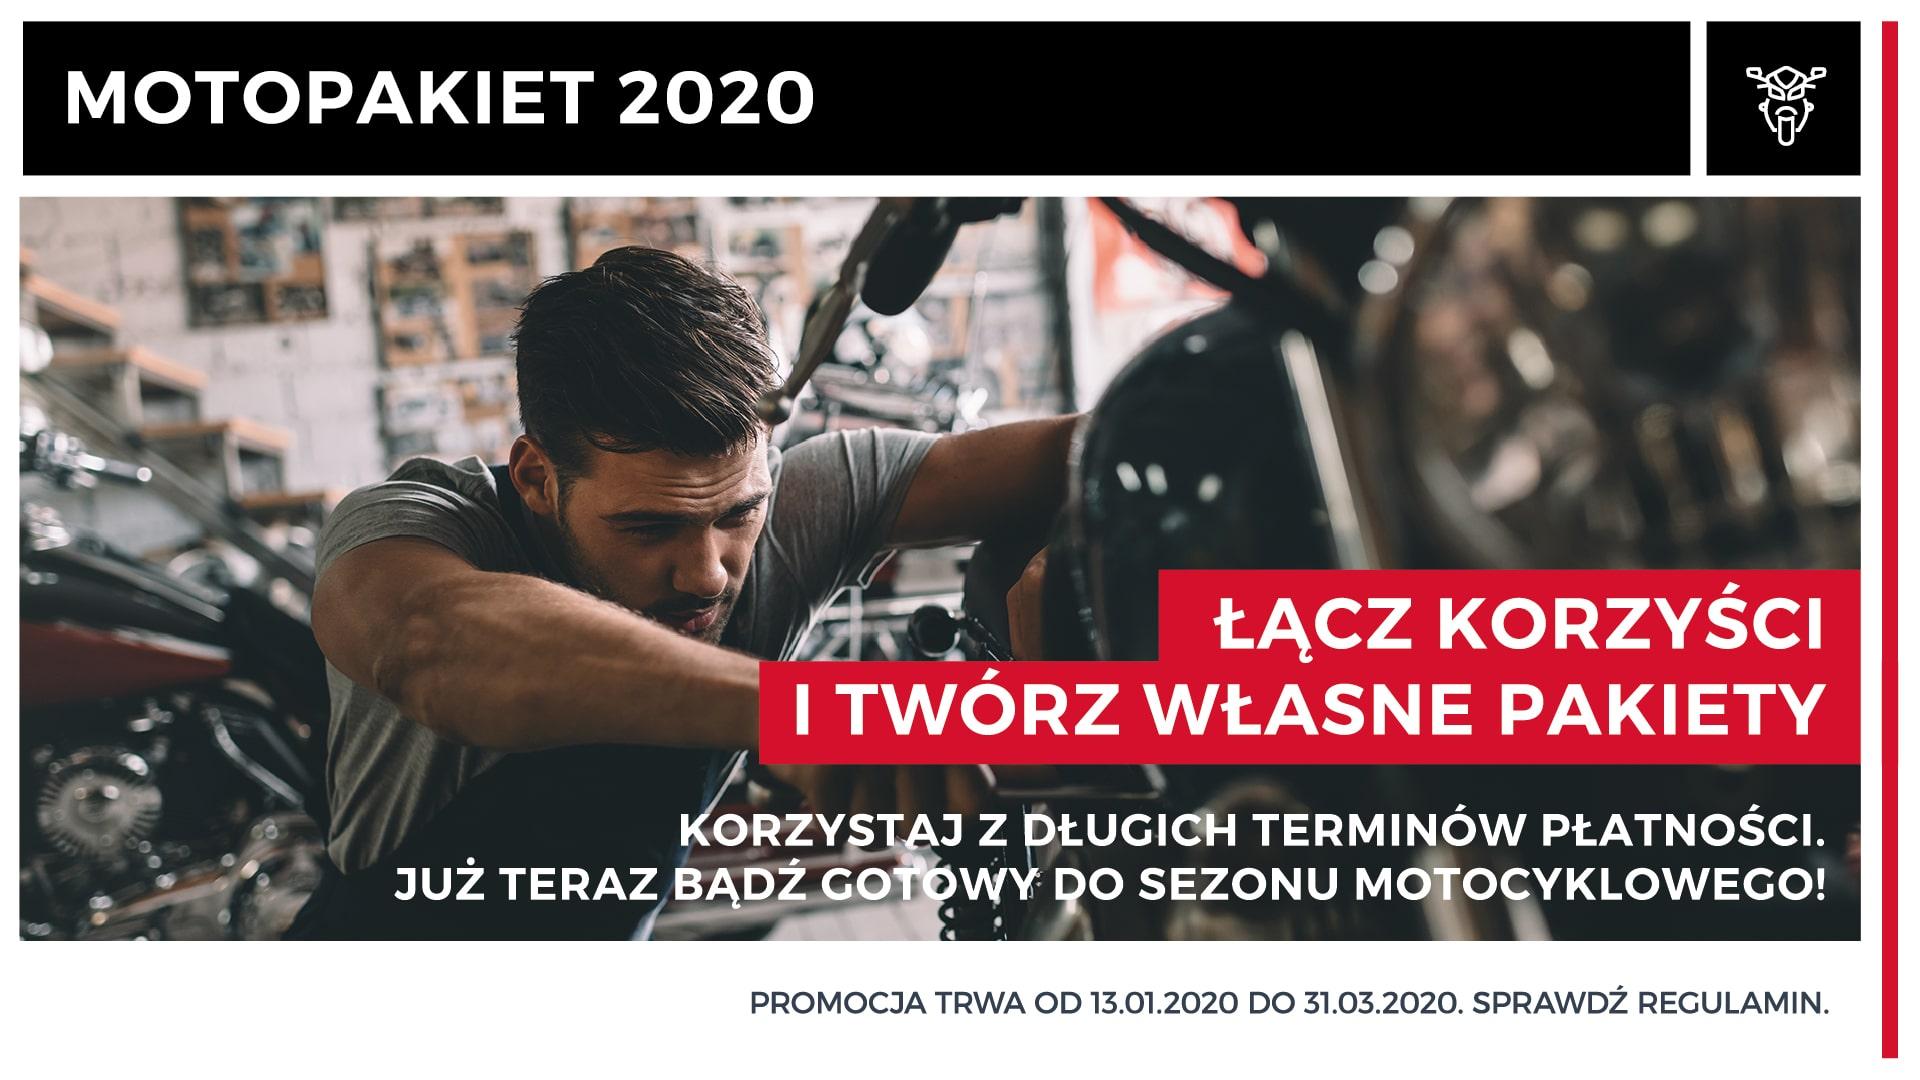 motopakiet_2020_rynek_moto_1920x1080 kopia.jpg